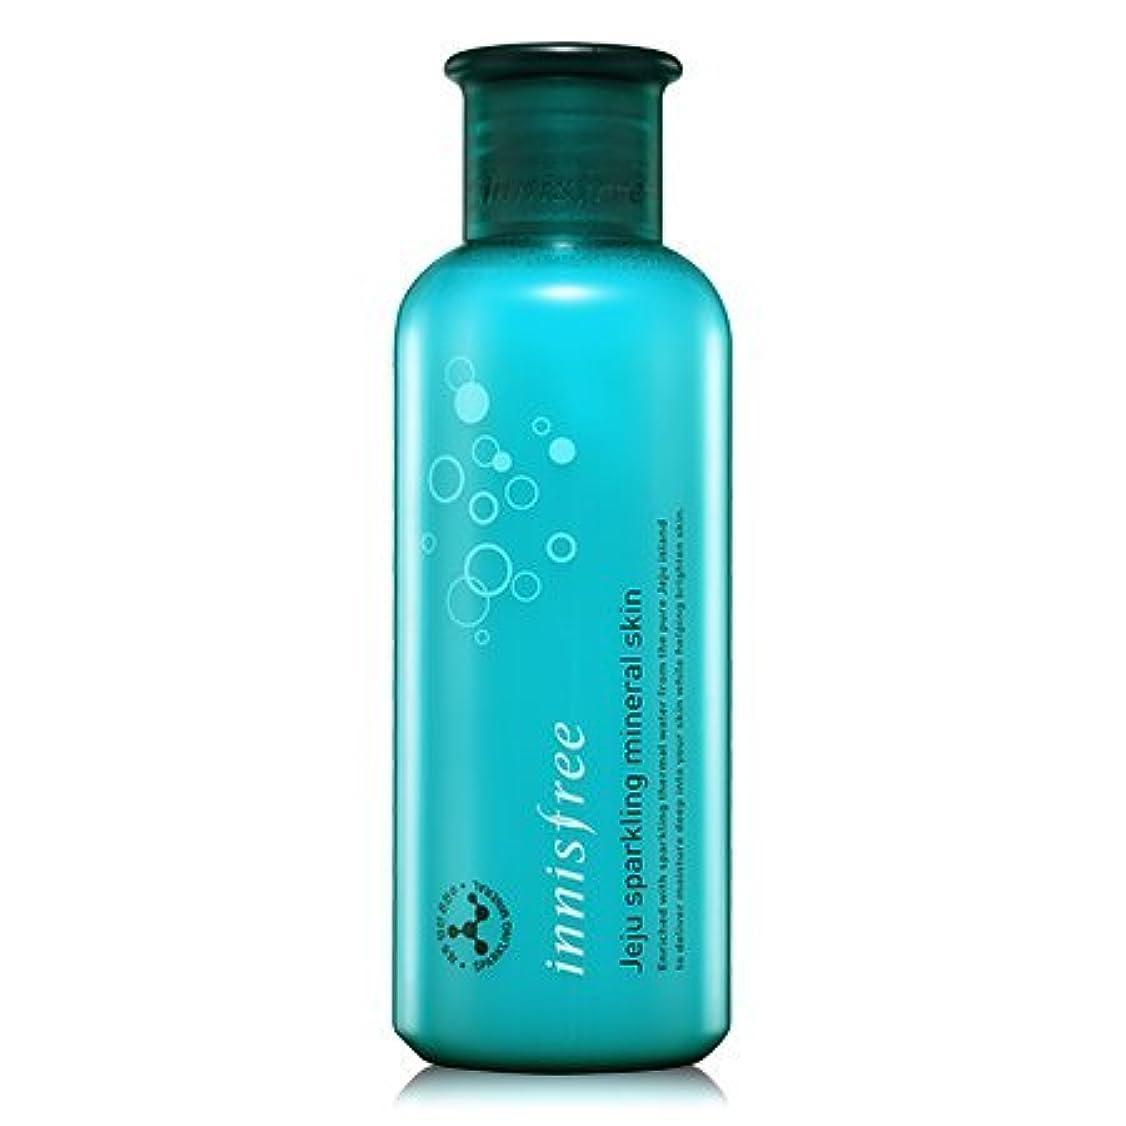 批判するバタフライ人質[innisfree(イニスフリー)] Jeju sparkling mineral skin (200ml) 済州 スパークリング ミネラル スキン [並行輸入品][海外直送品]